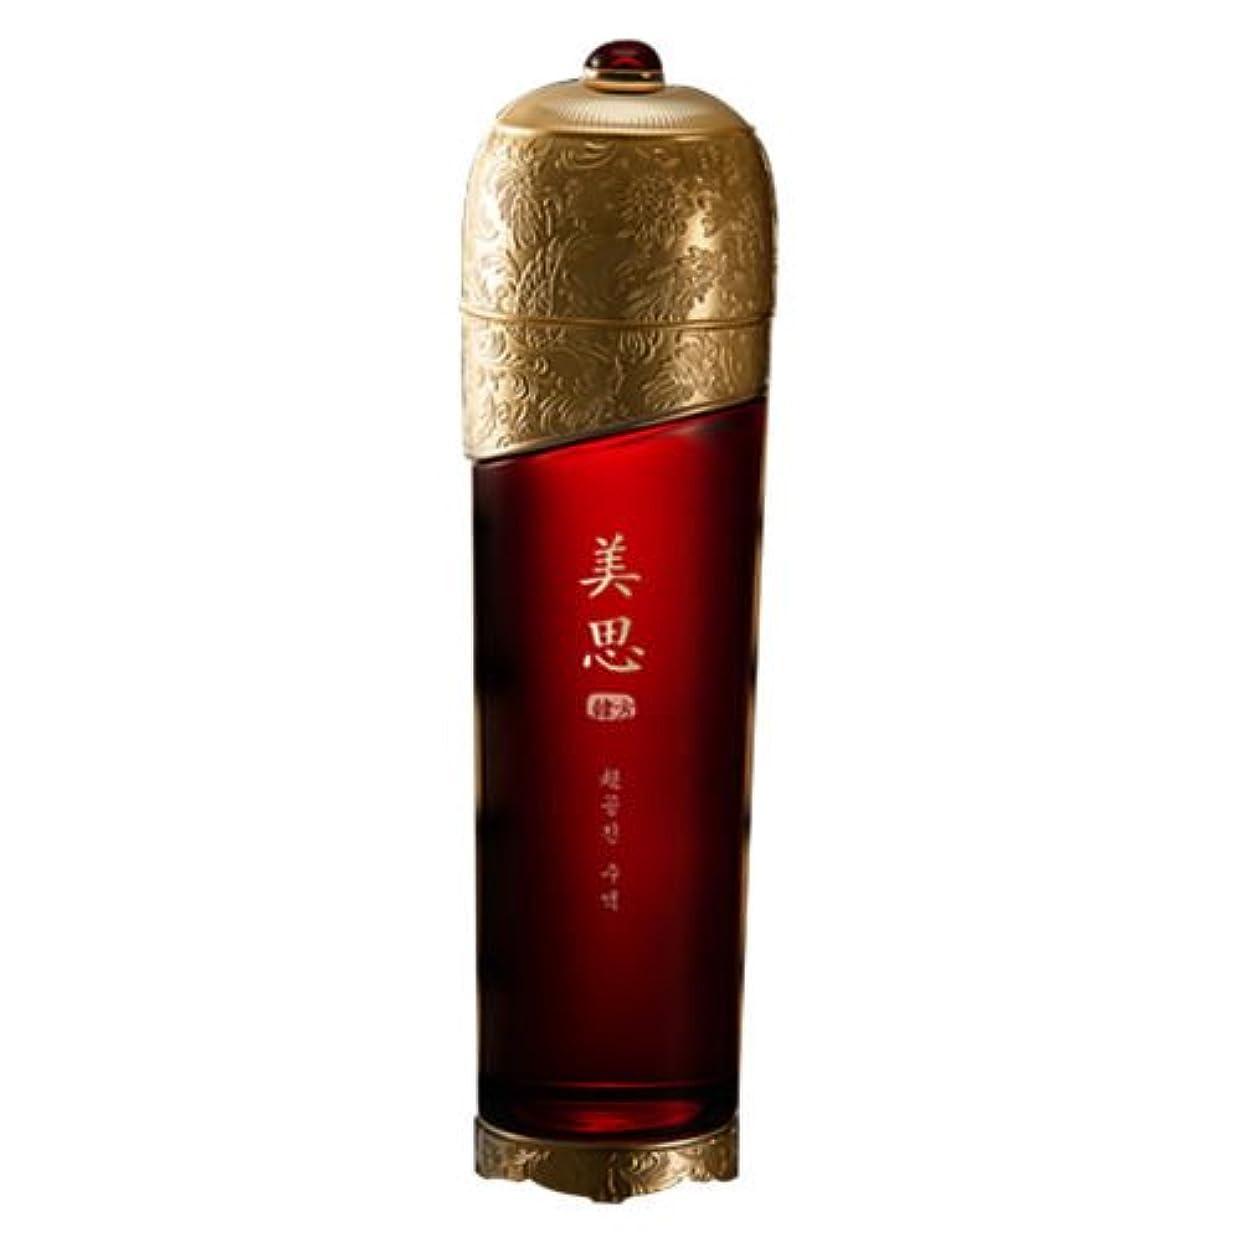 空白抑止する王子MISSHA(ミシャ)美思 韓方 旧チョボヤン (超)チョゴンジン 化粧水 基礎化粧品 スキンケア